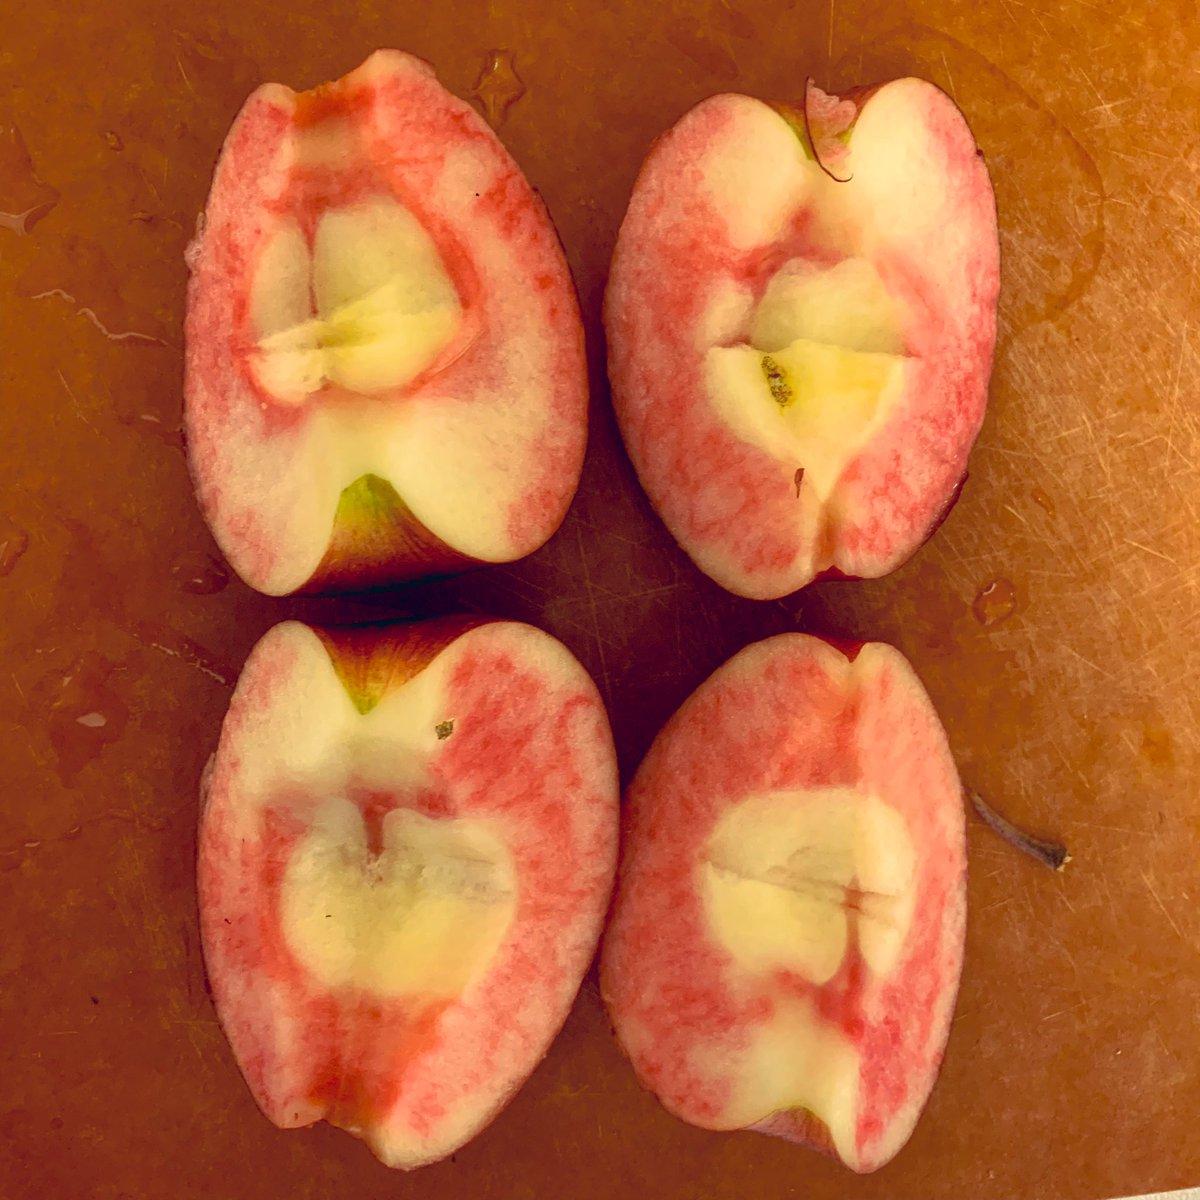 RT @kakijiro: シンカイでもらったリンゴ切ったら、中が真っ赤で驚いた。長野の新しいリンゴのやつだ。ちゃんと甘くて美味い。 https://t.co/ZFHWsSbKqg